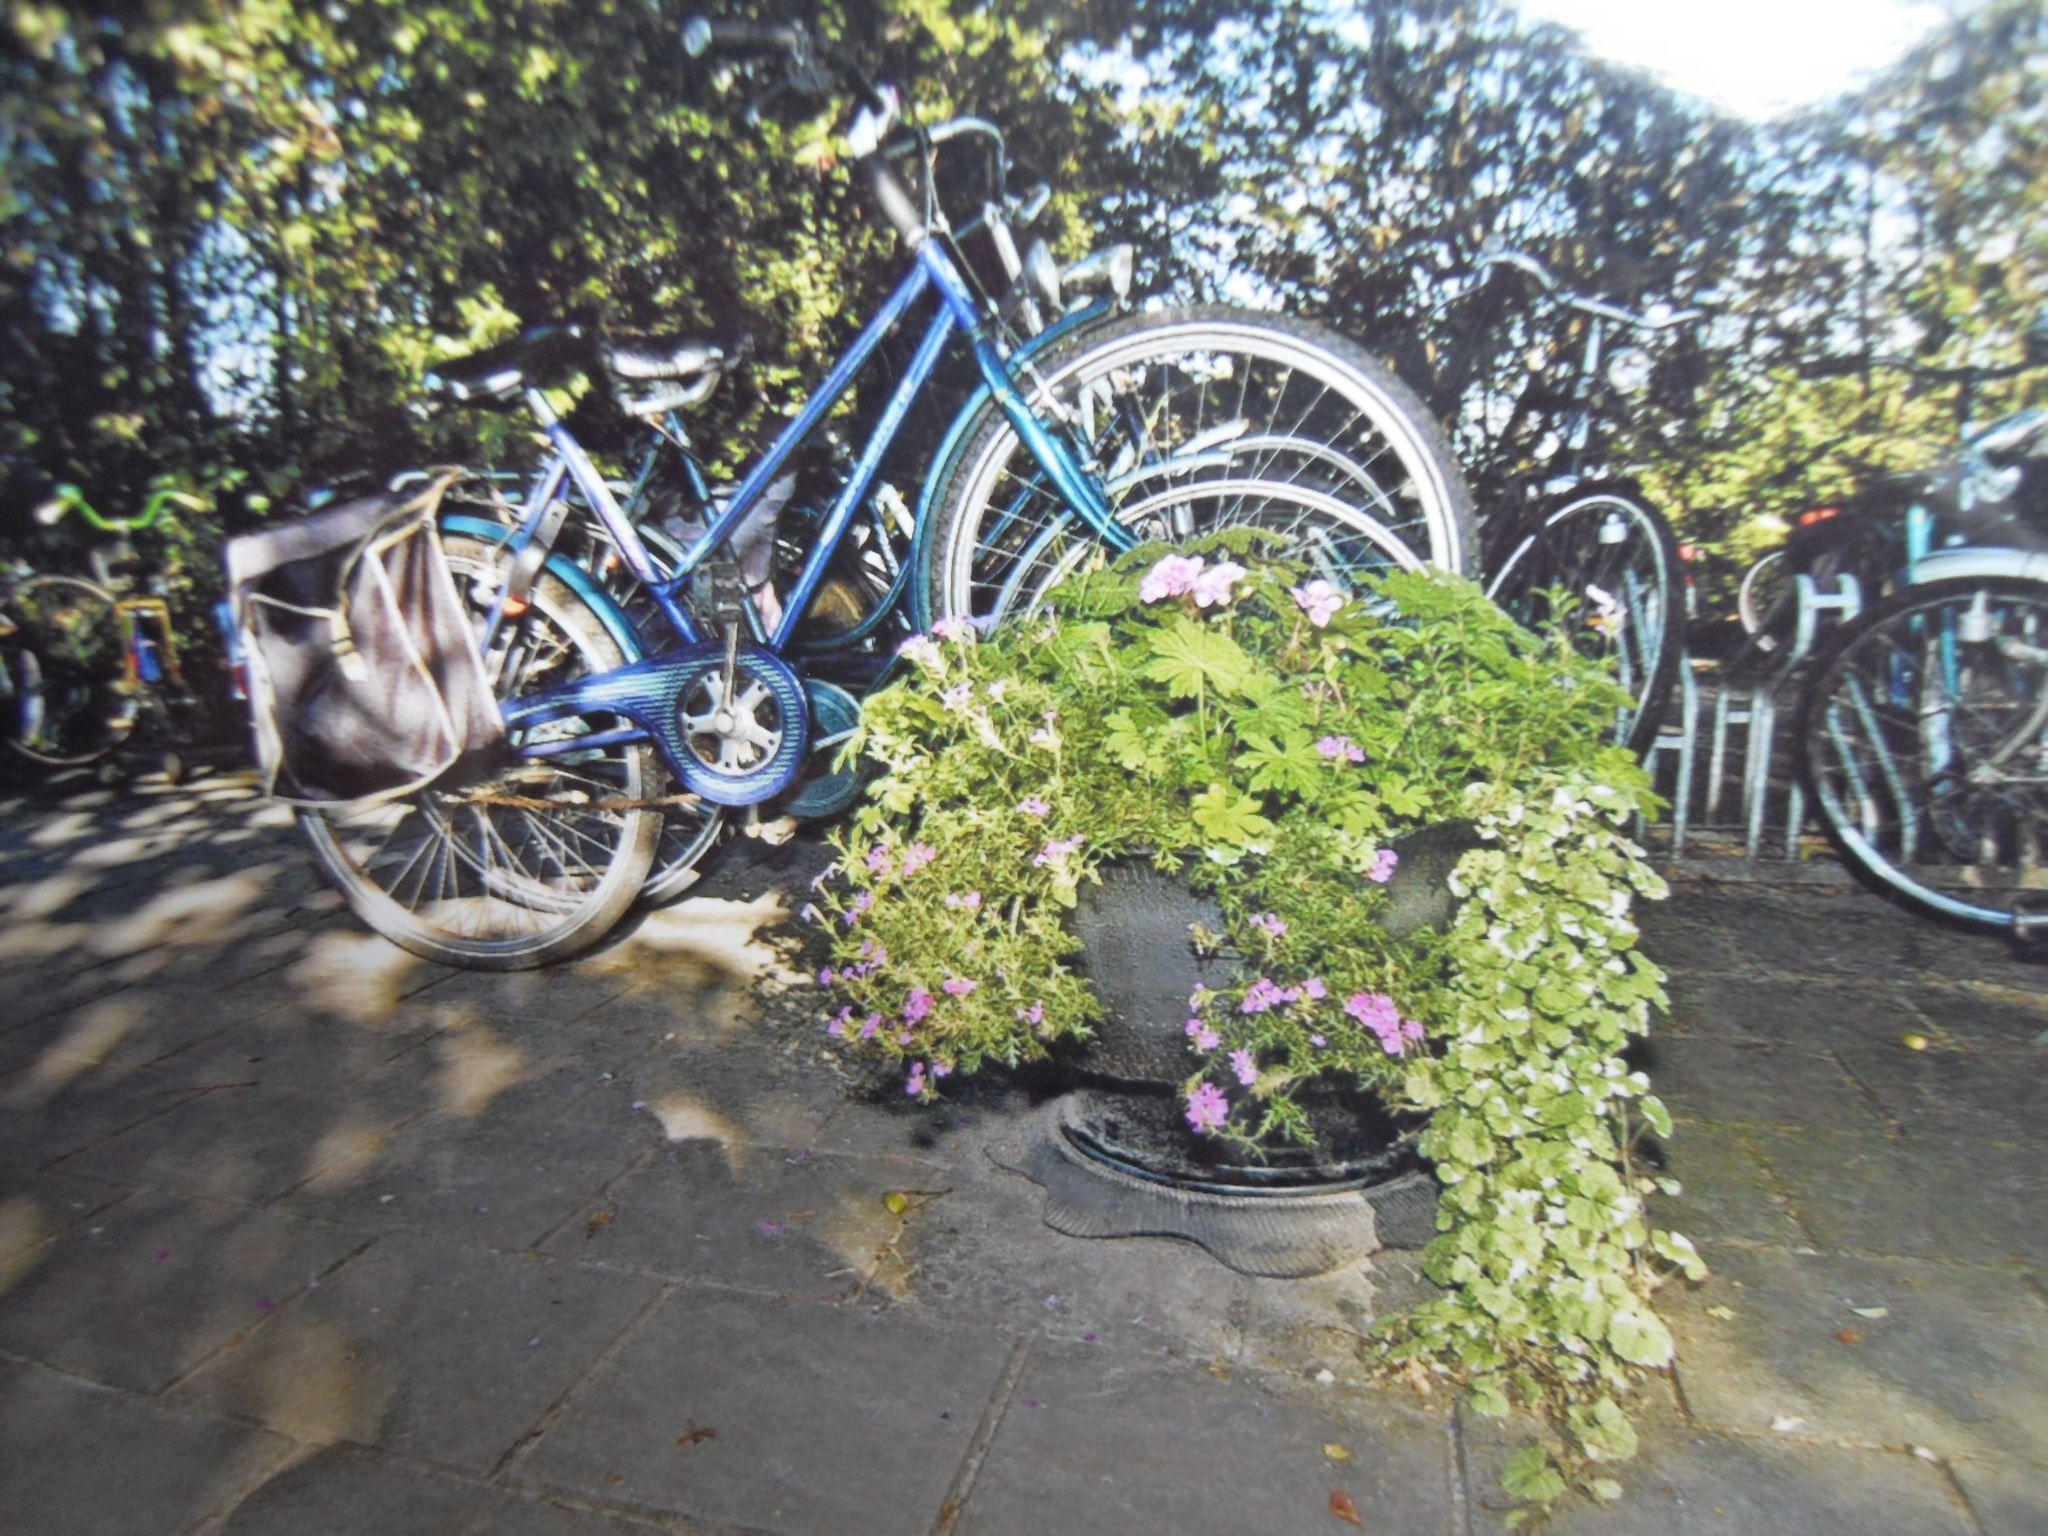 bloembak bij schoolfietsenstalling Vrije basisschool de ijssel zutphen